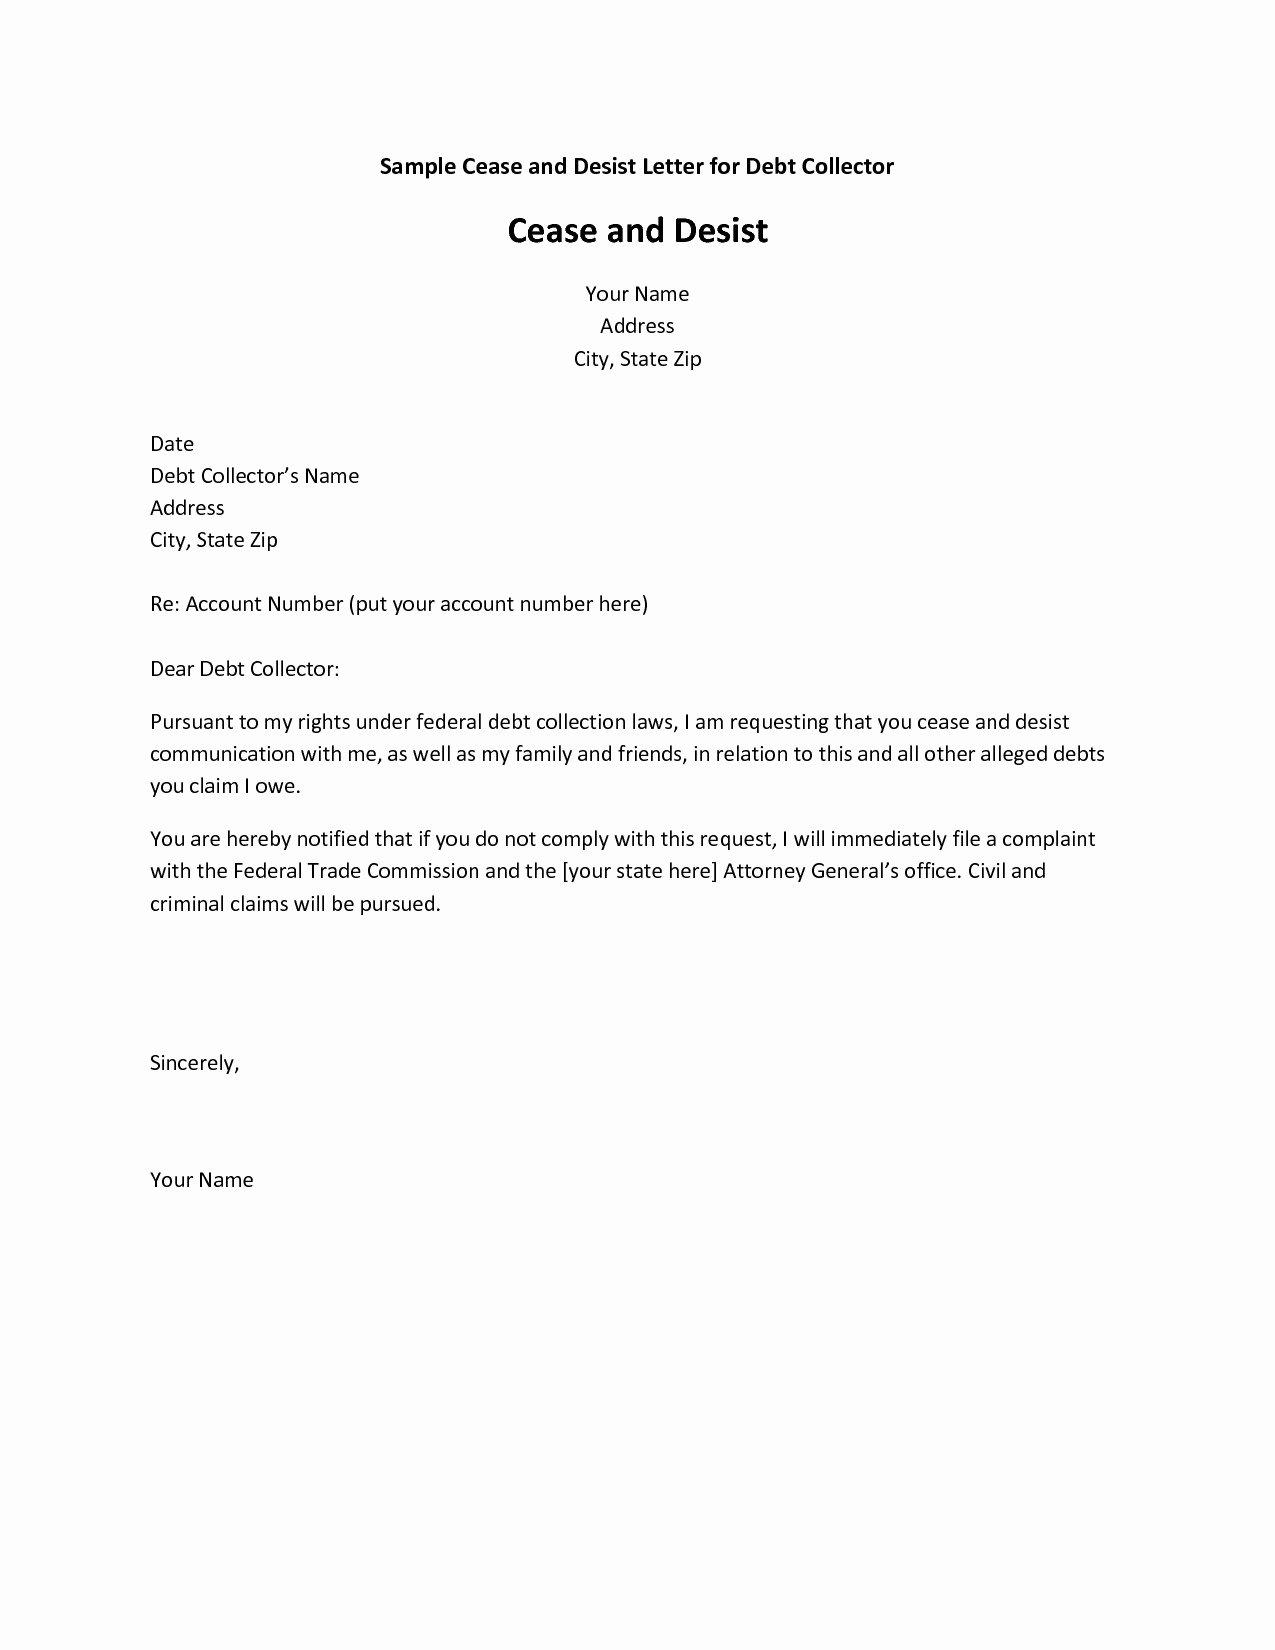 Copyright Cease and Desist Letter Elegant Cease and Desist Letter Patent Infringement Template